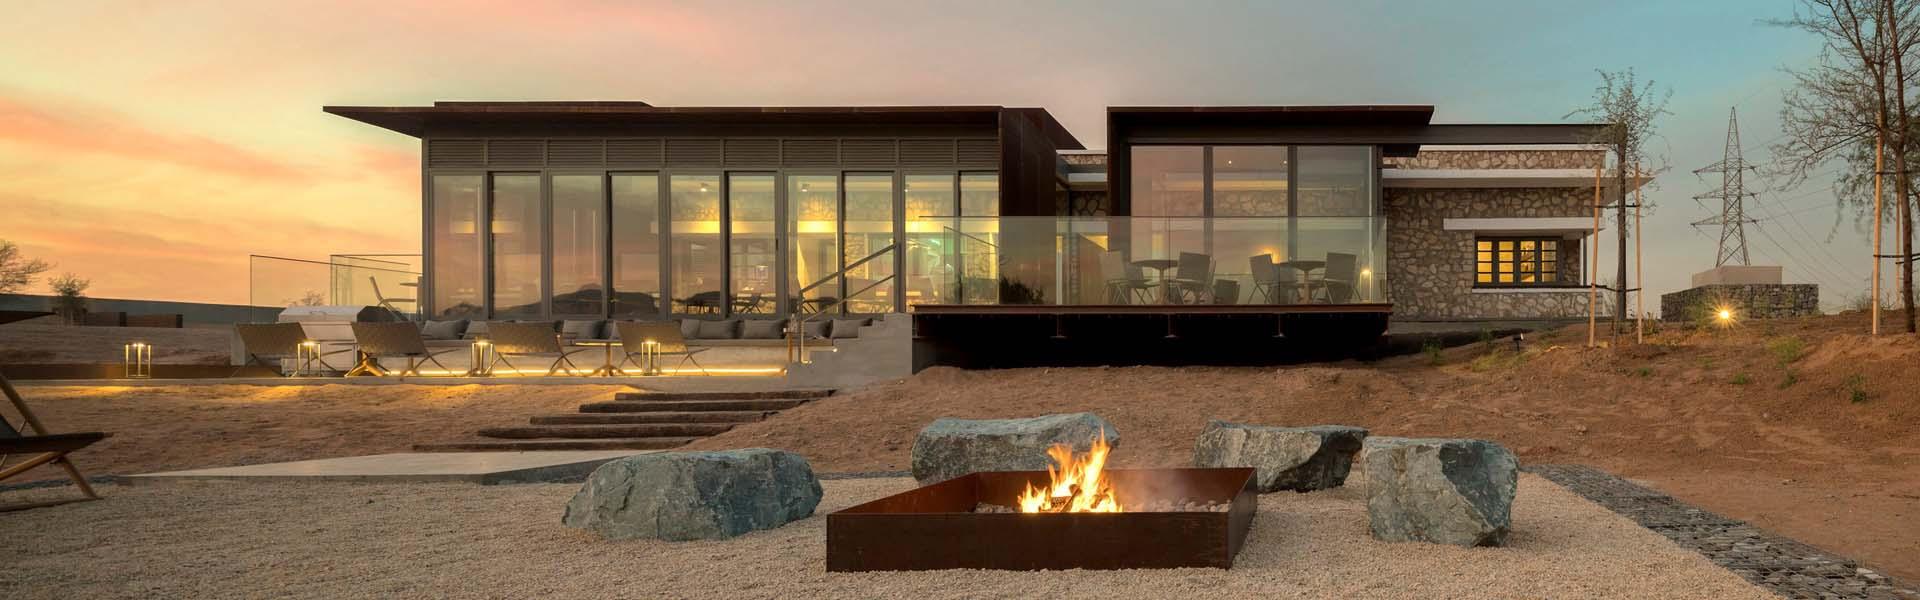 Landscape Architectural Design by Desert INKAl Faya Landscape Architectural Design by Desert INK